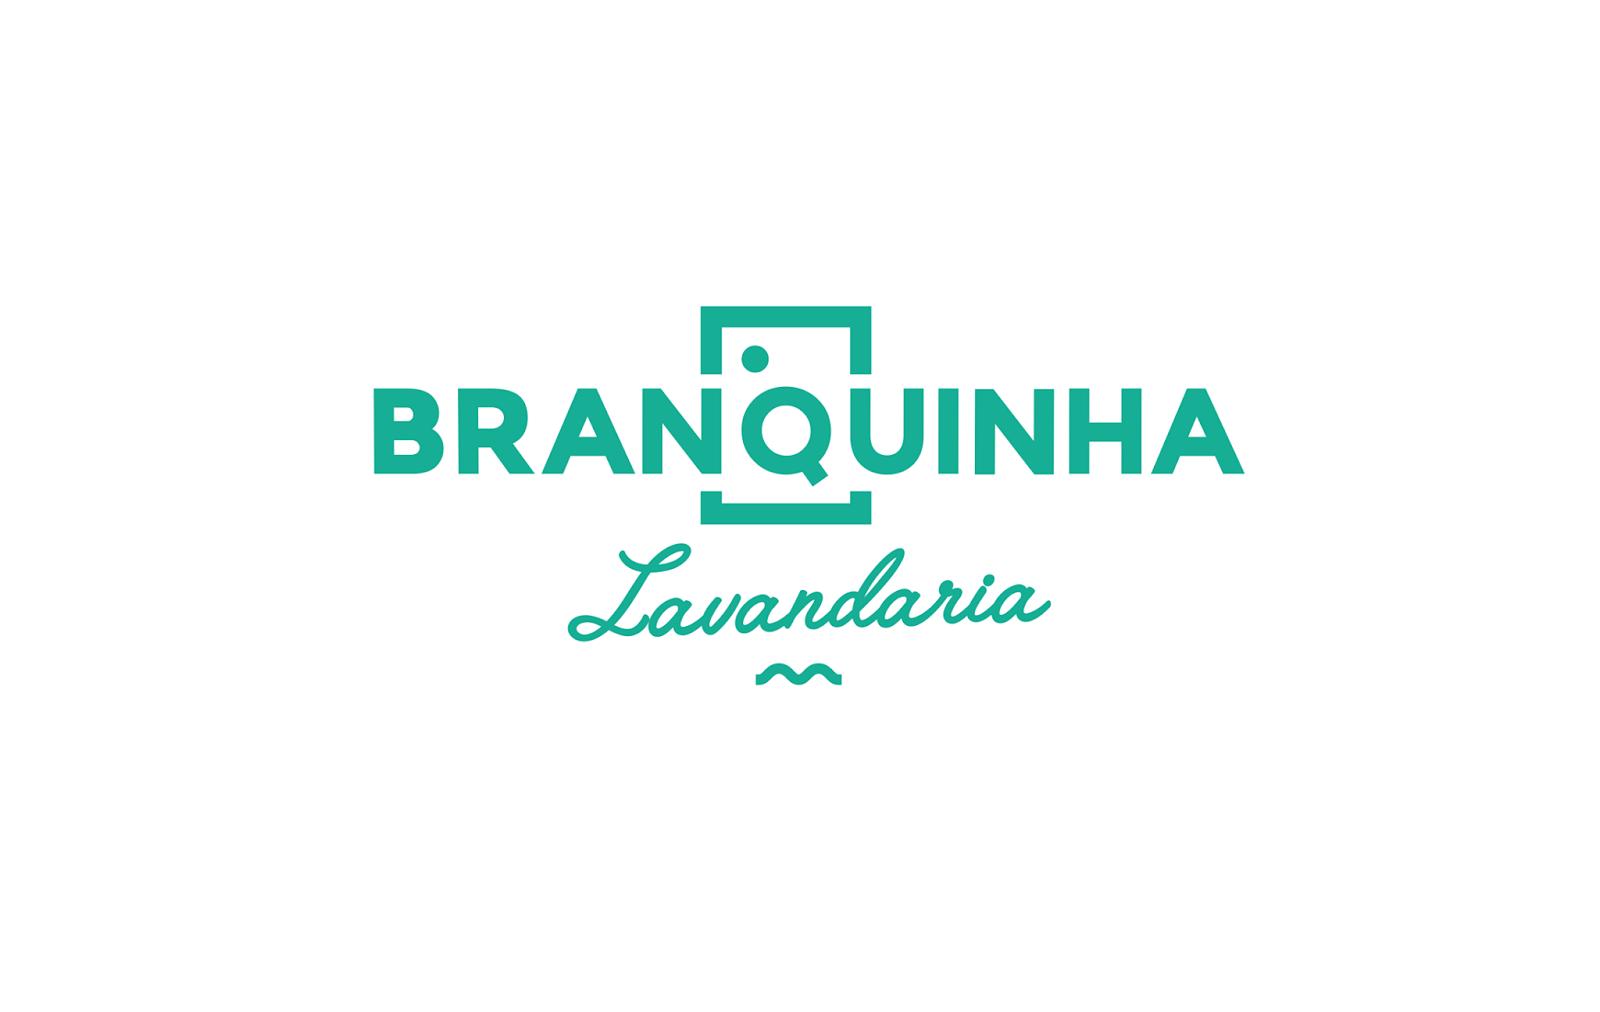 Branquinha - Lavandaria